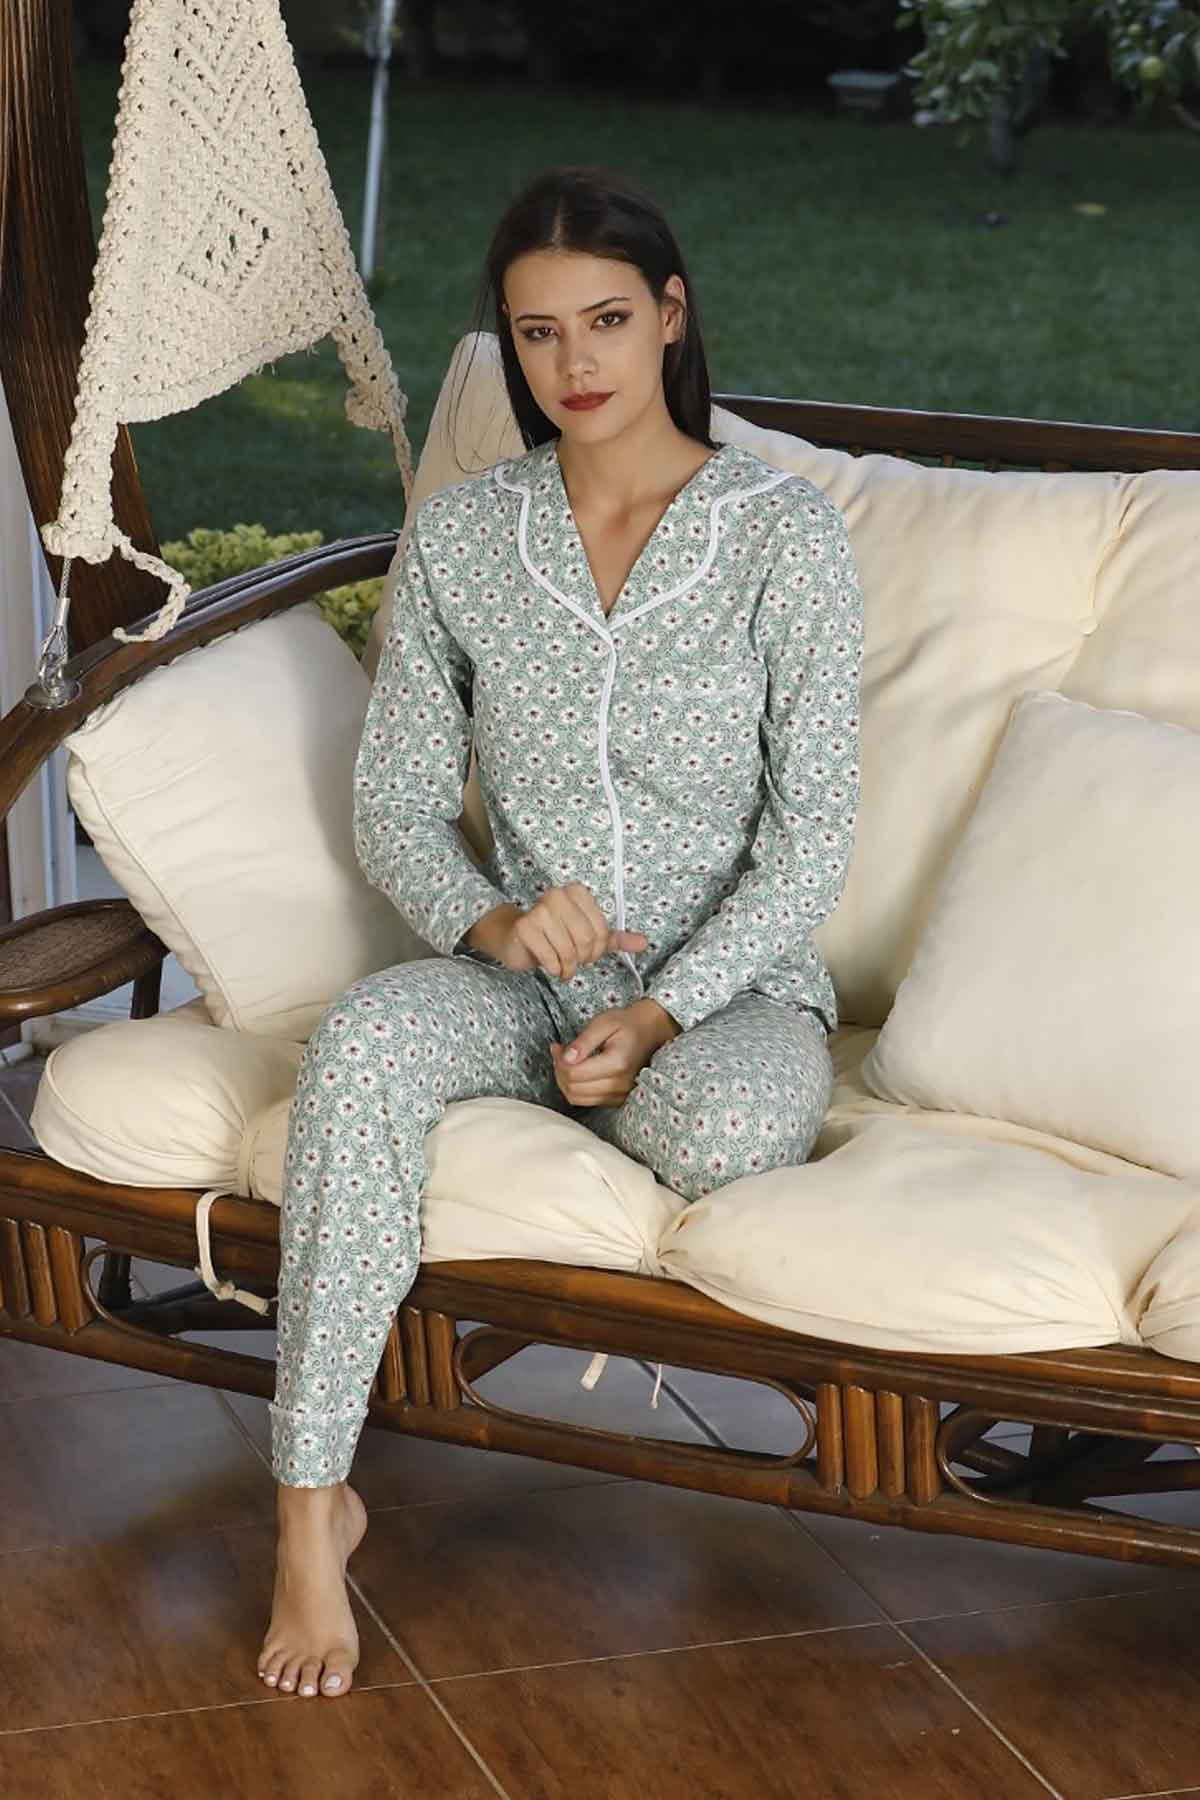 ÇeyizeDairHerşey - Yeşil çiçek desenli uzun kollu önden düğmeli bayan pijama takımı 5781